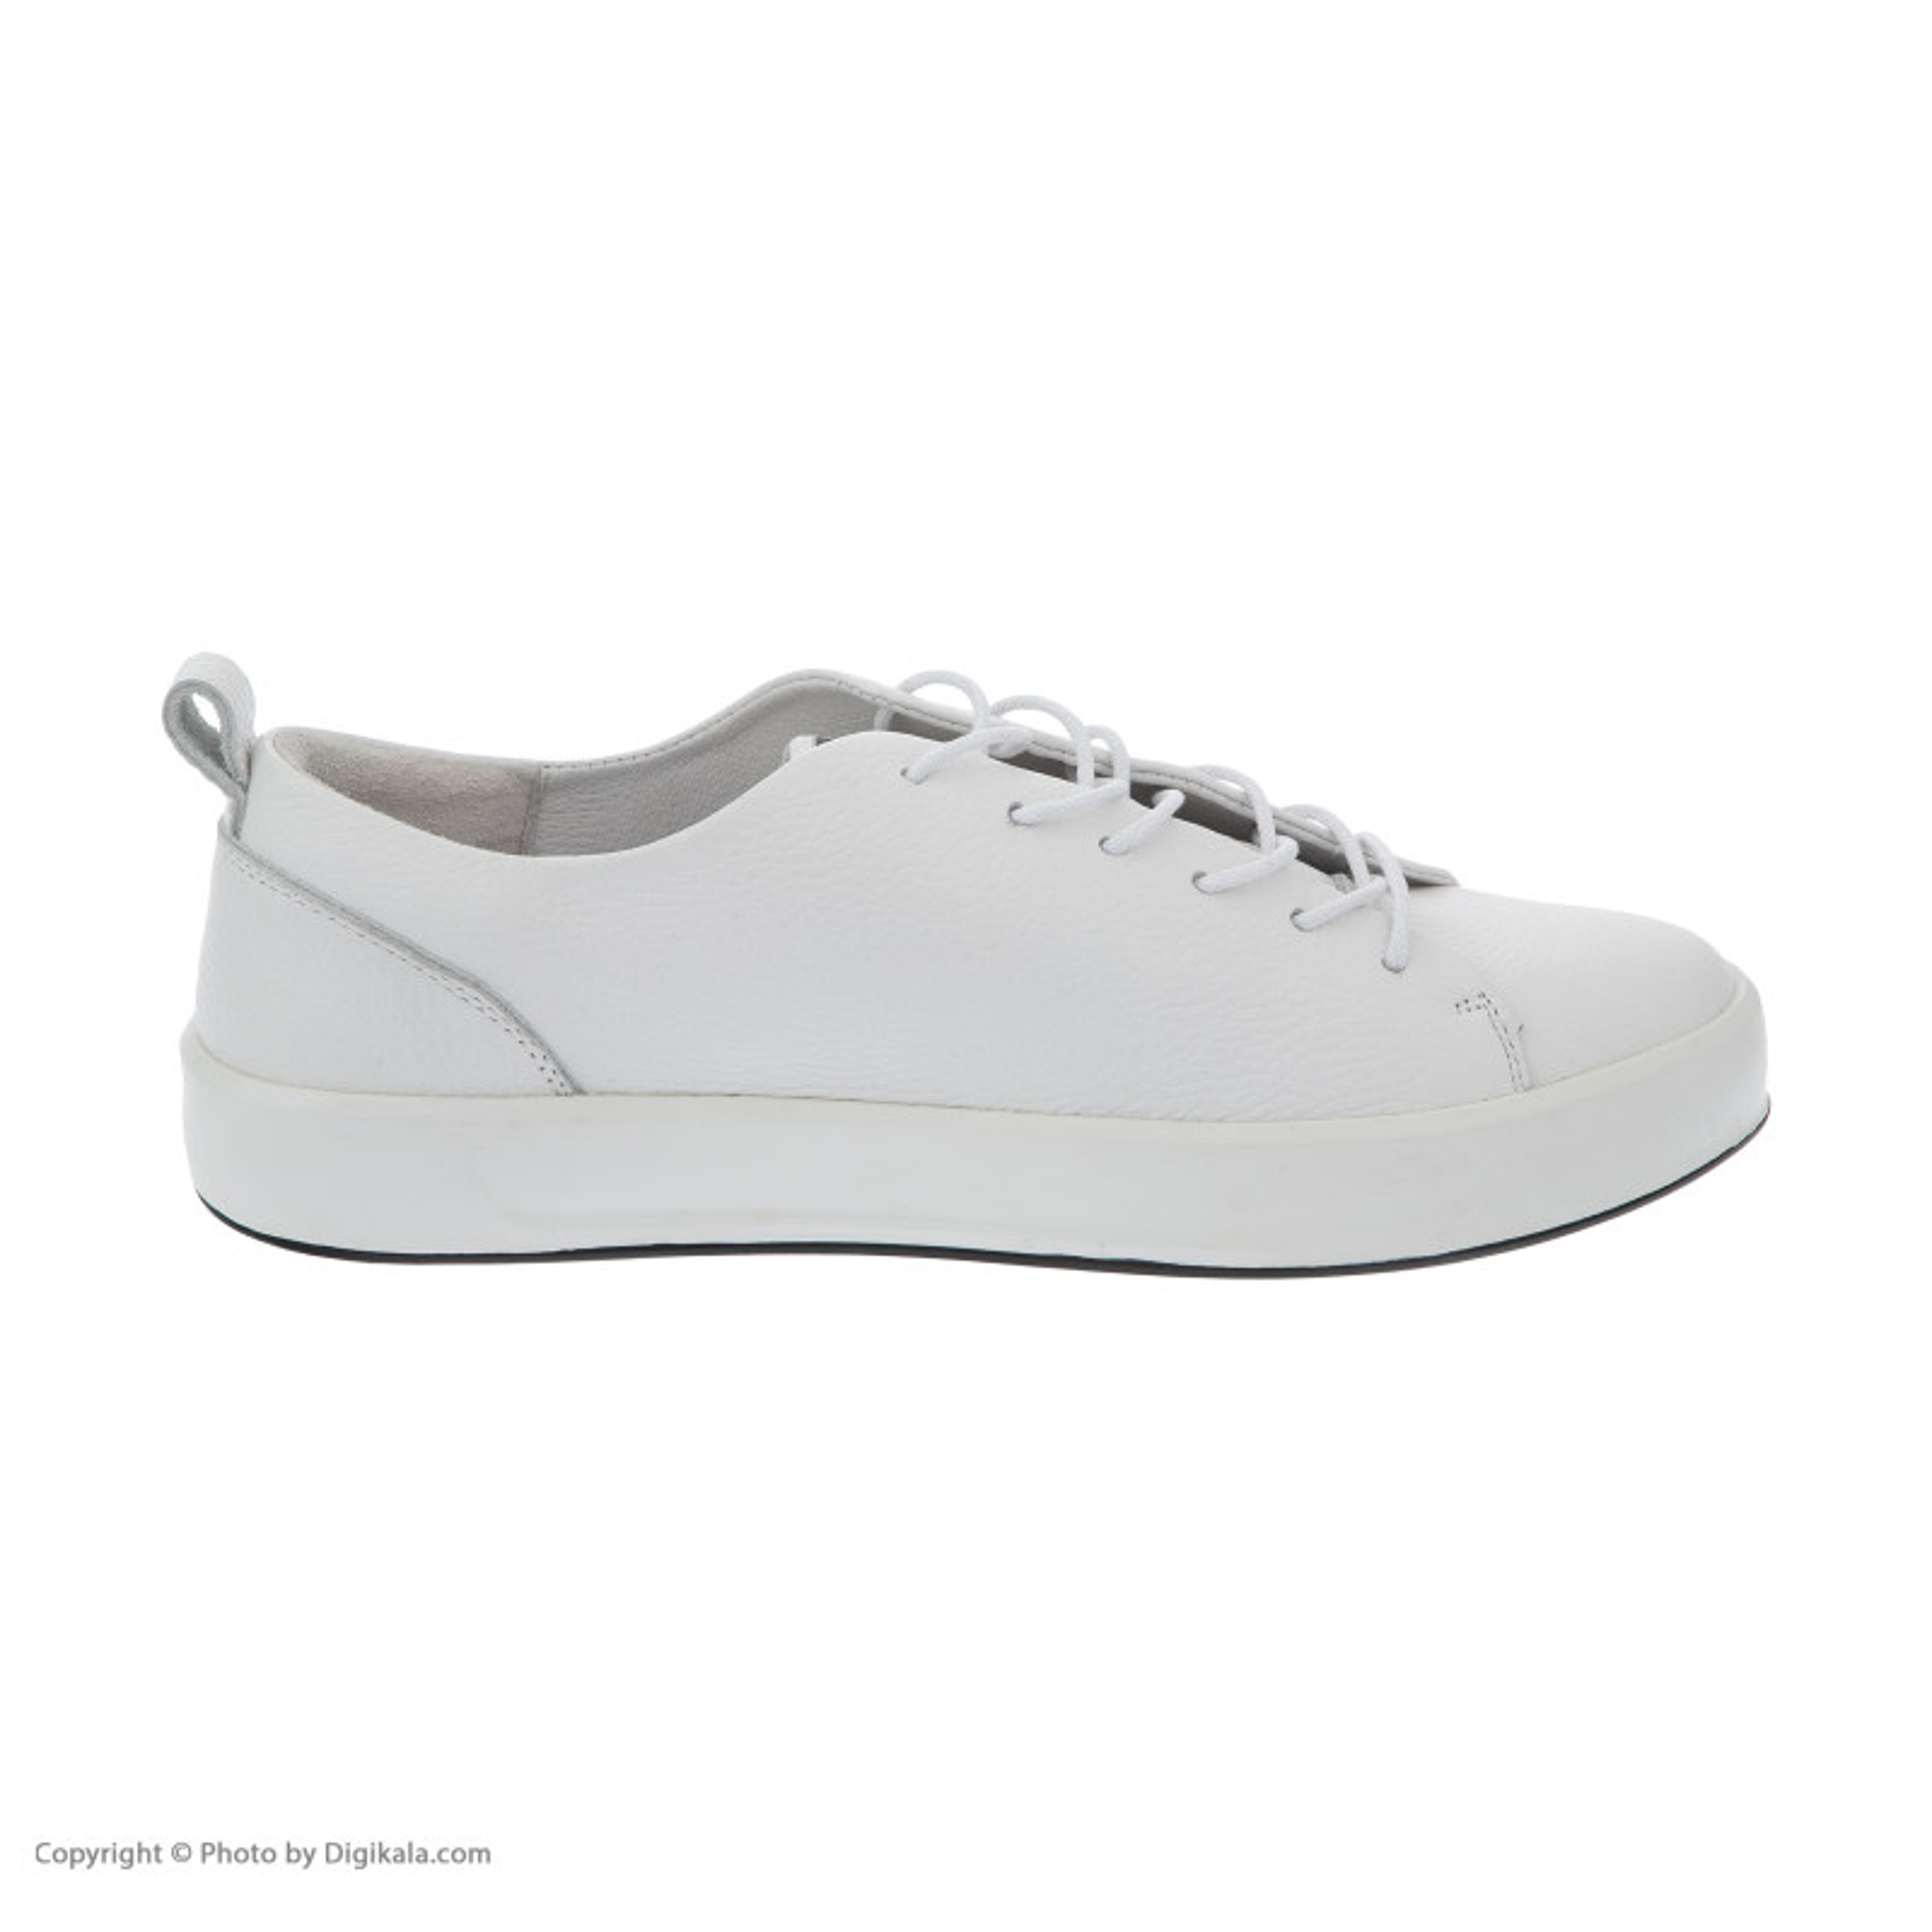 کفش روزمره زنانه اکو مدل 440503